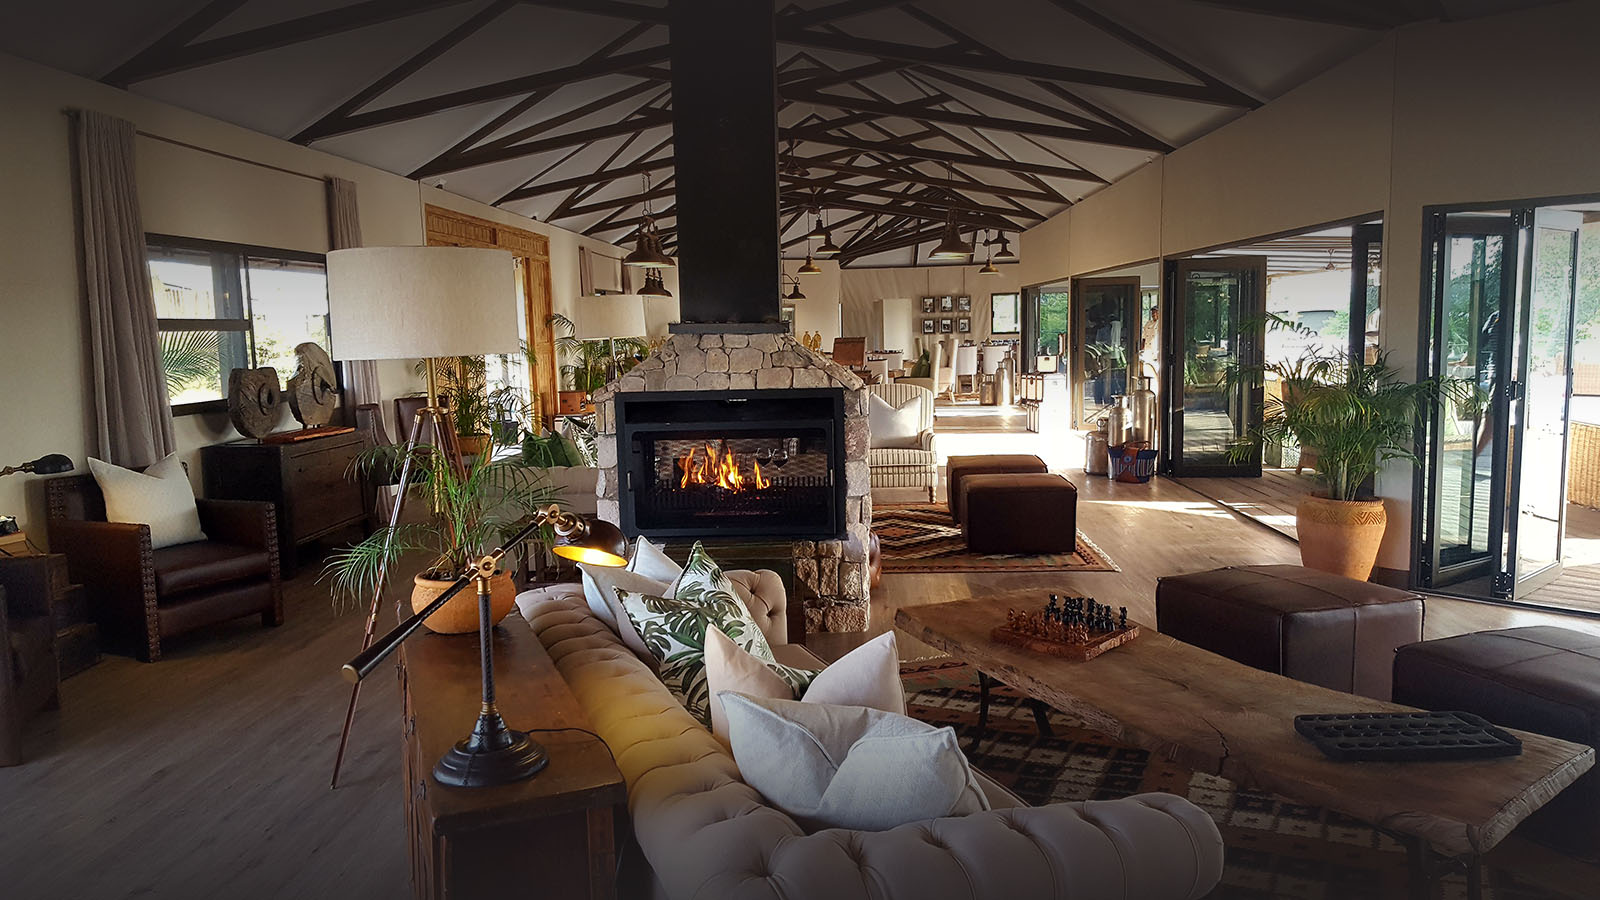 old drift lodge victoria-falls-zimbabwe-luxury-accommodation-bar-lounge